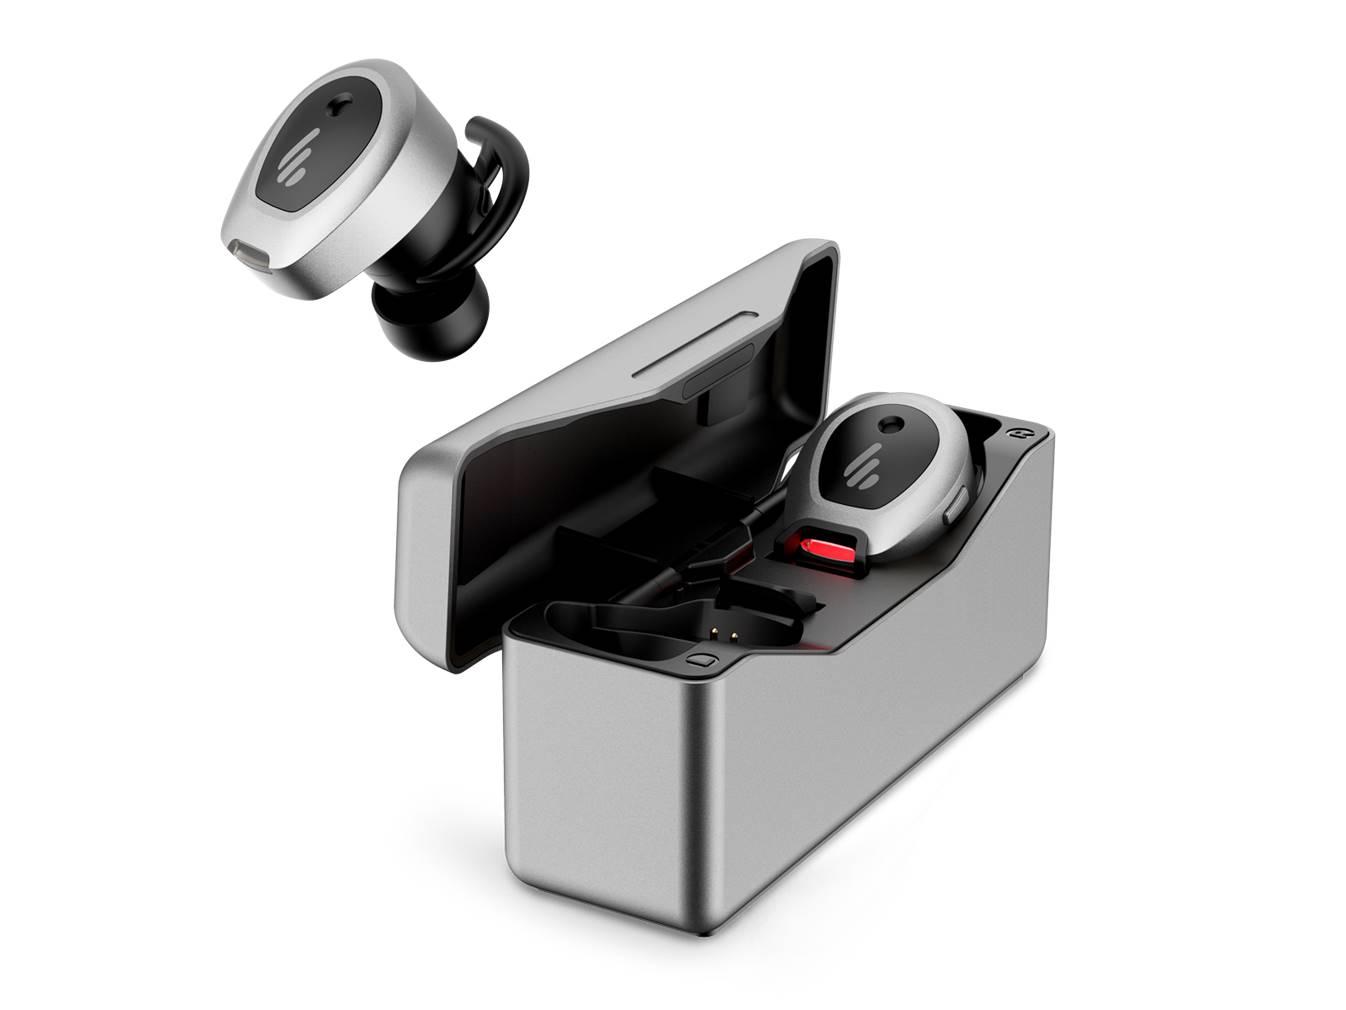 Edifier TWS NB True Wireless Earbuds